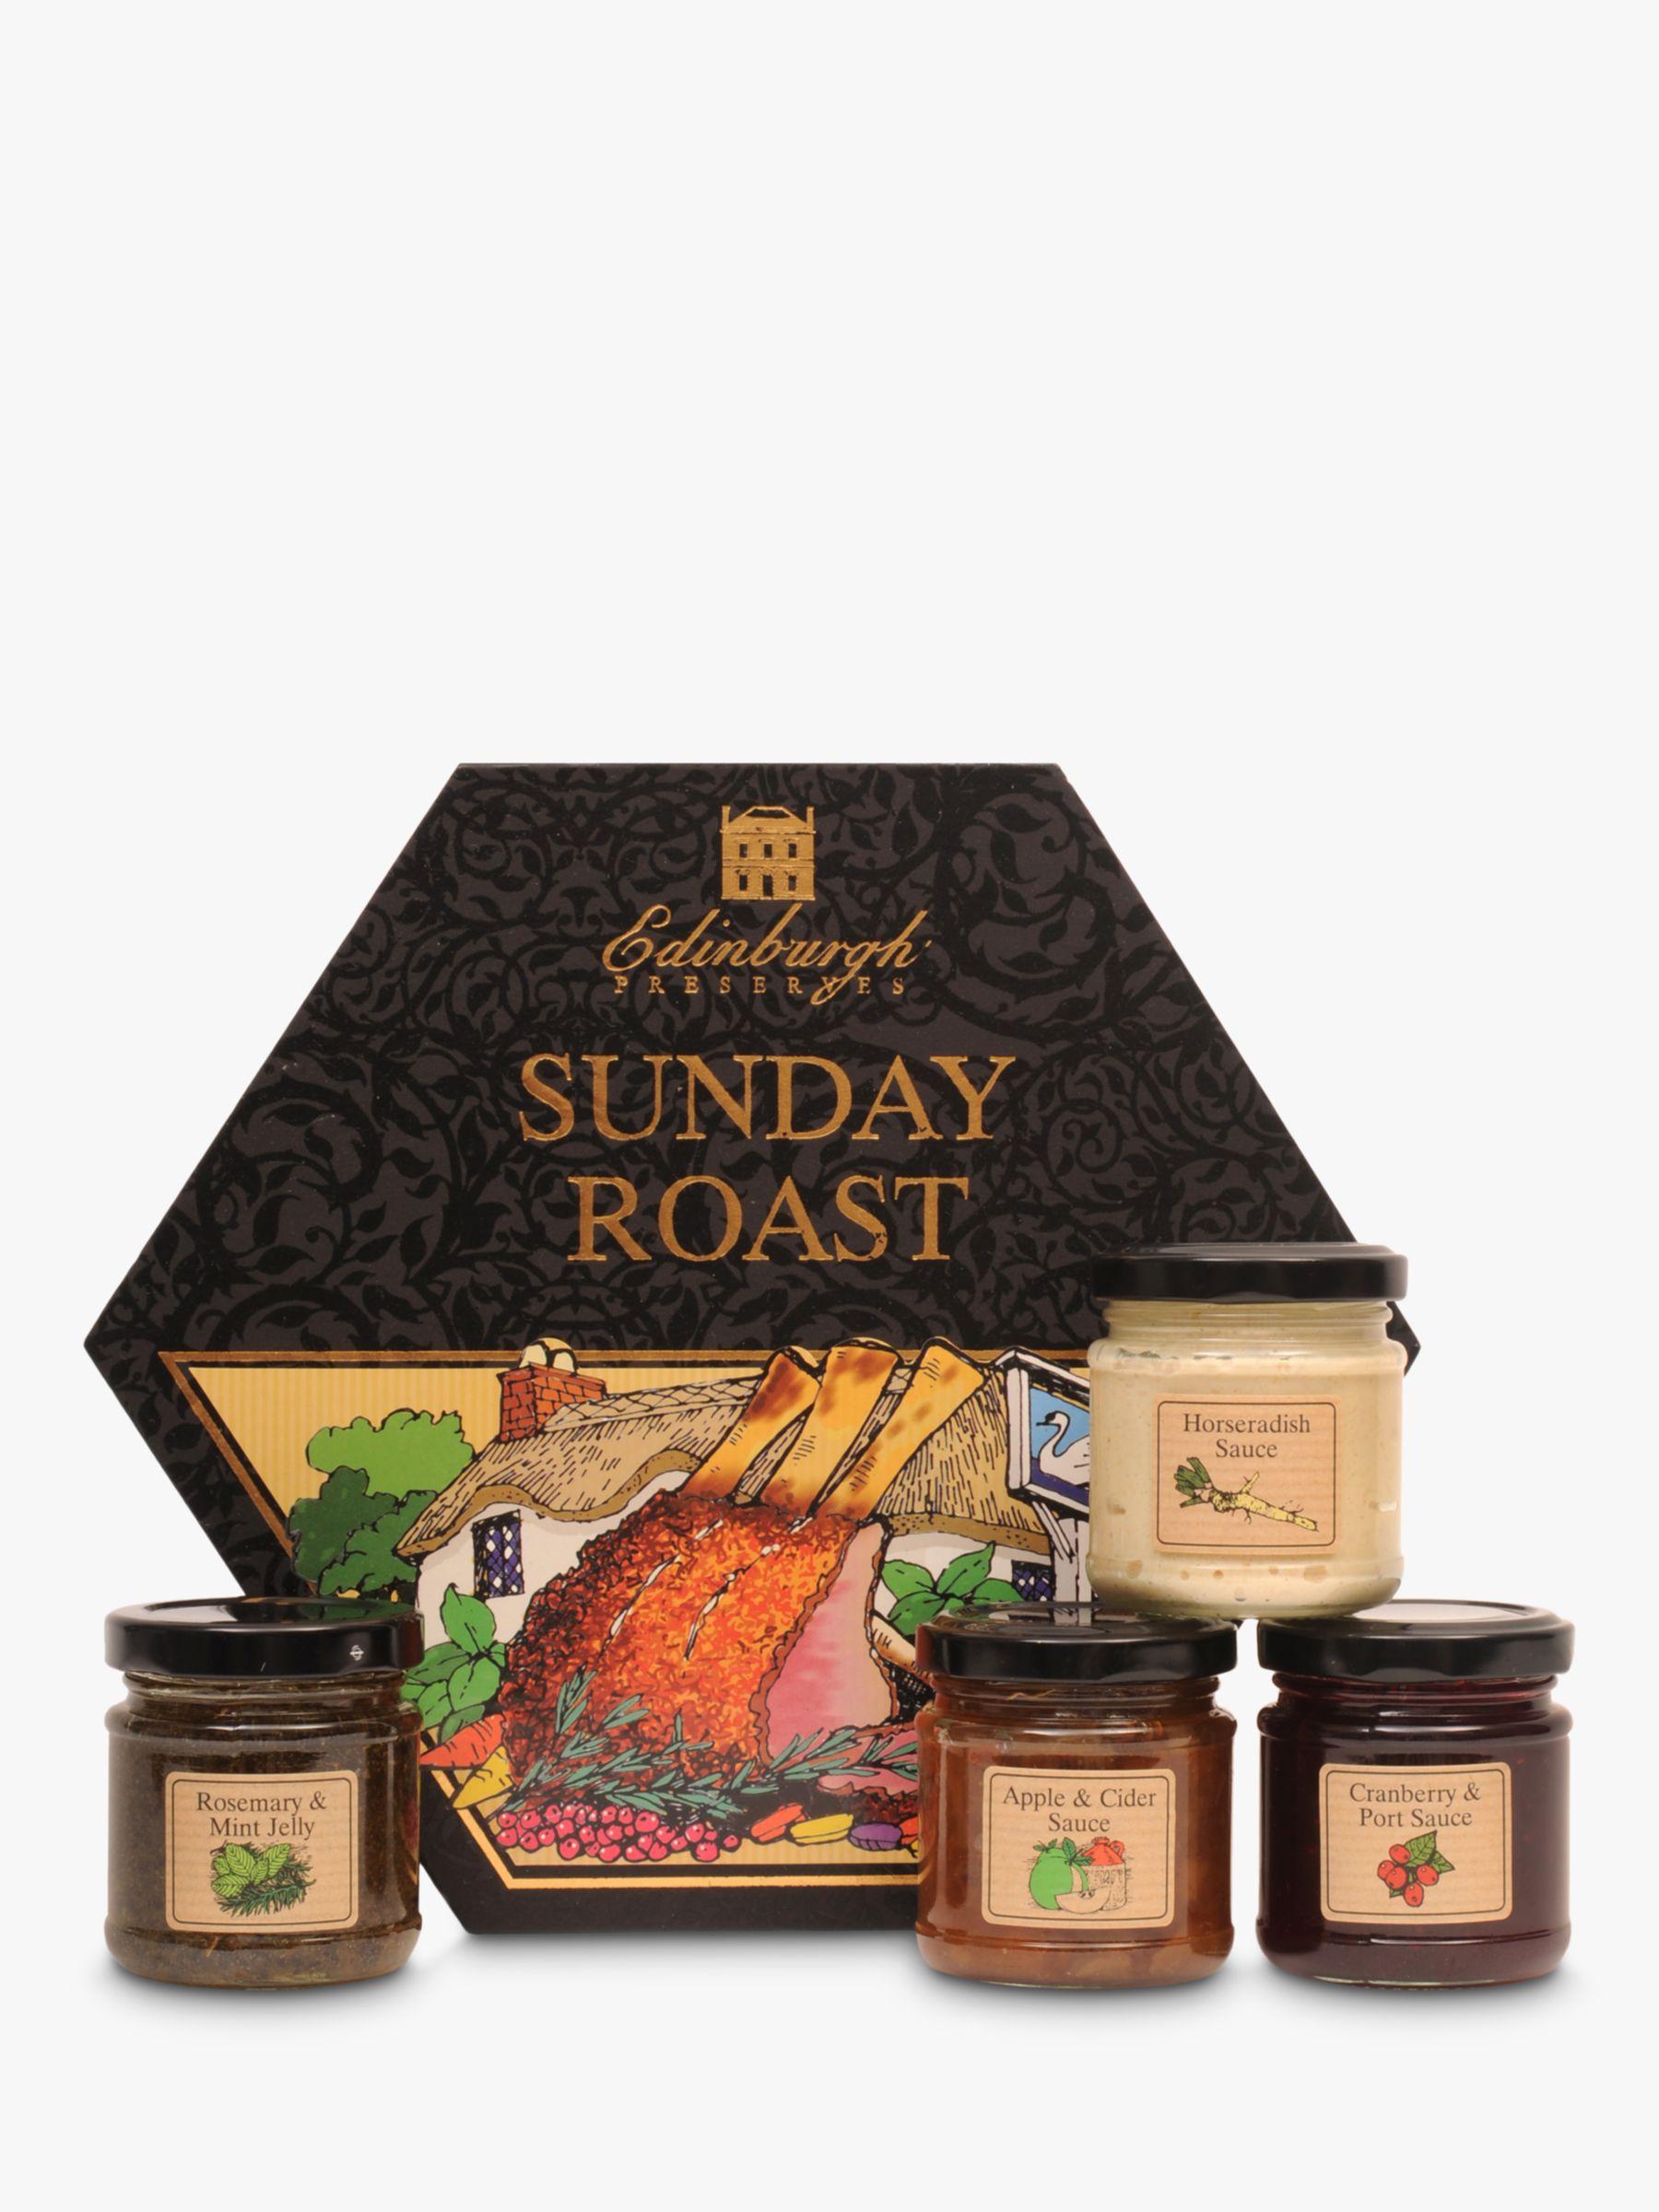 Edinburgh Preserves Edinburgh Preserves Sunday Roast Sauce Gift Set, 416g